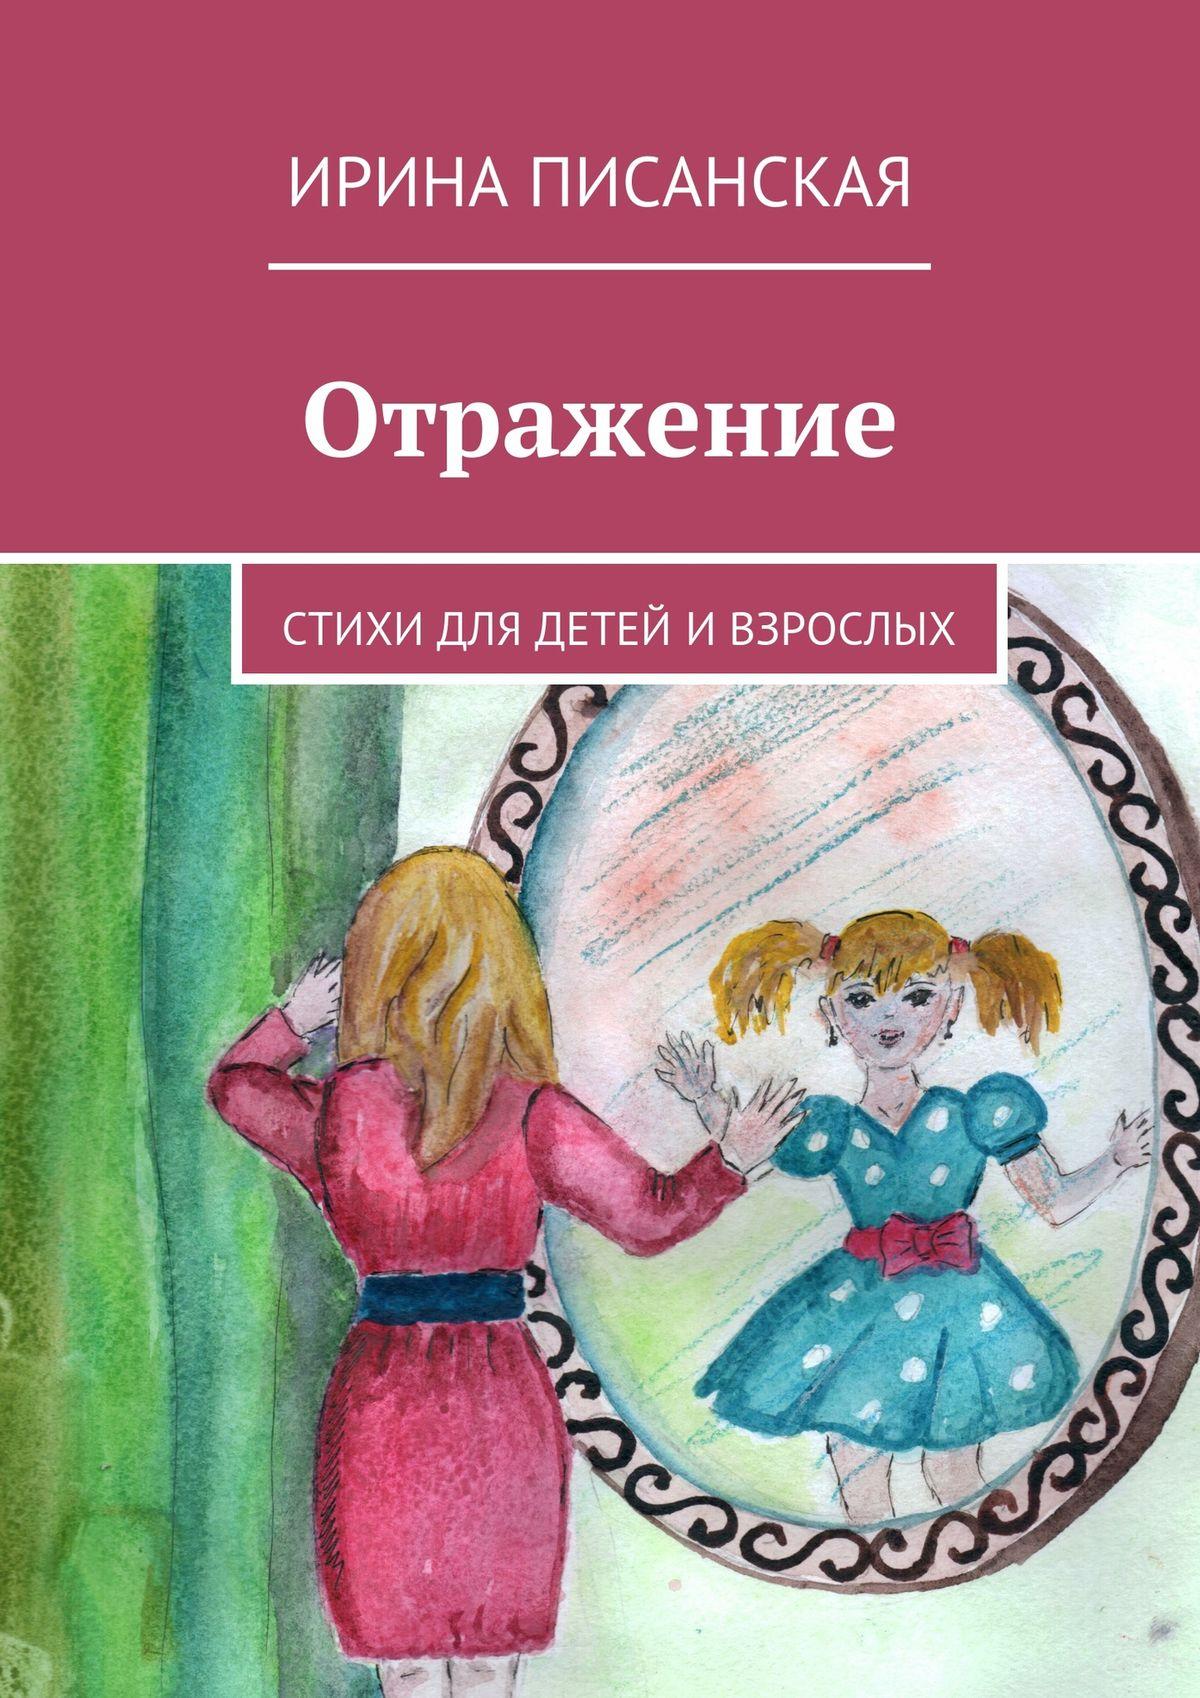 Ирина Писанская Отражение. Стихи для детей ивзрослых цена